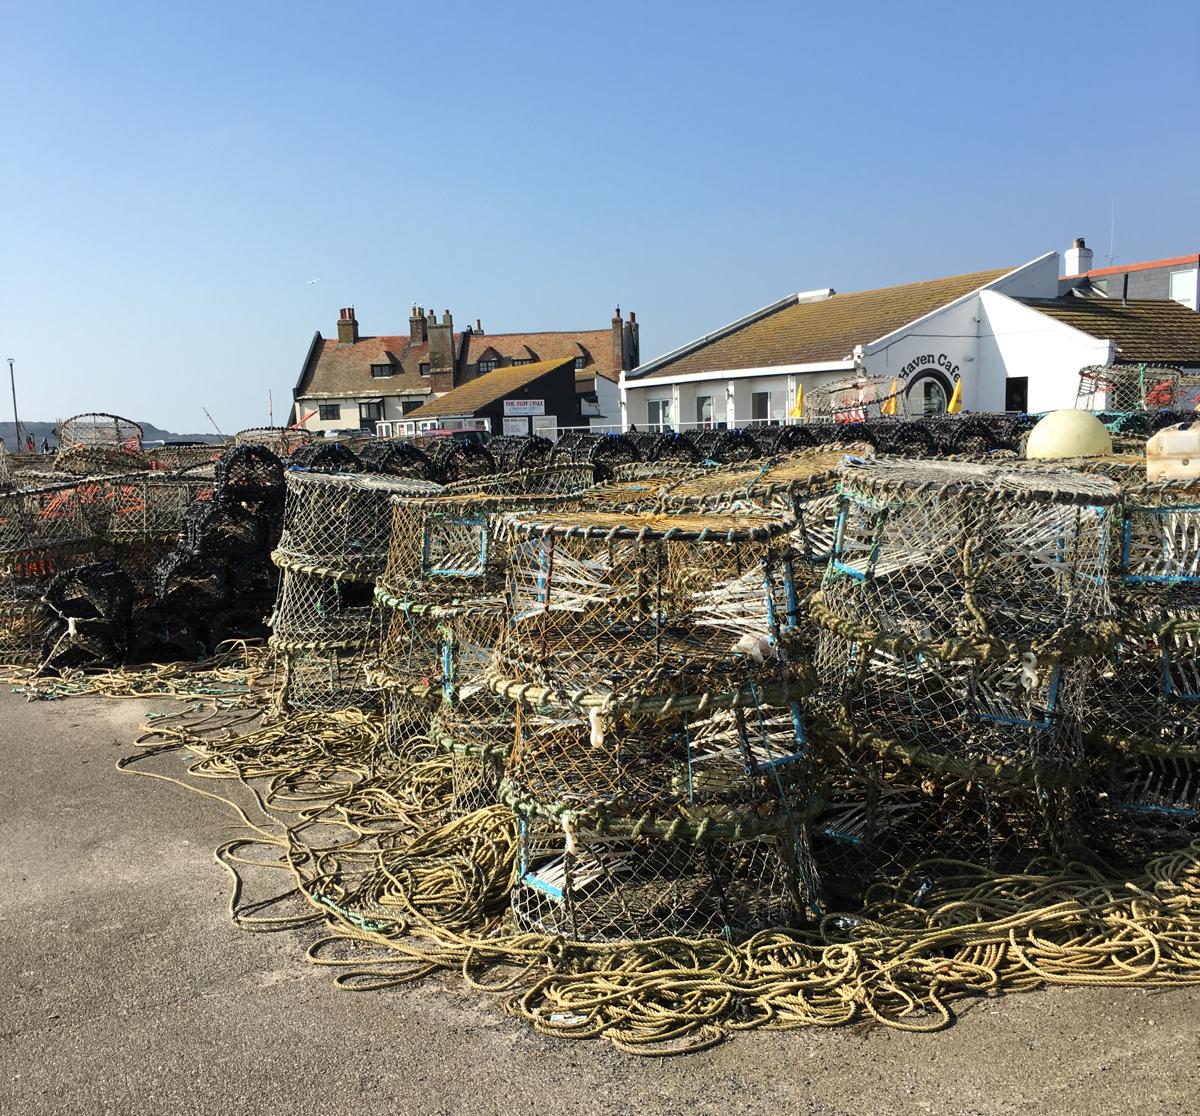 mudeford-lobster-cage